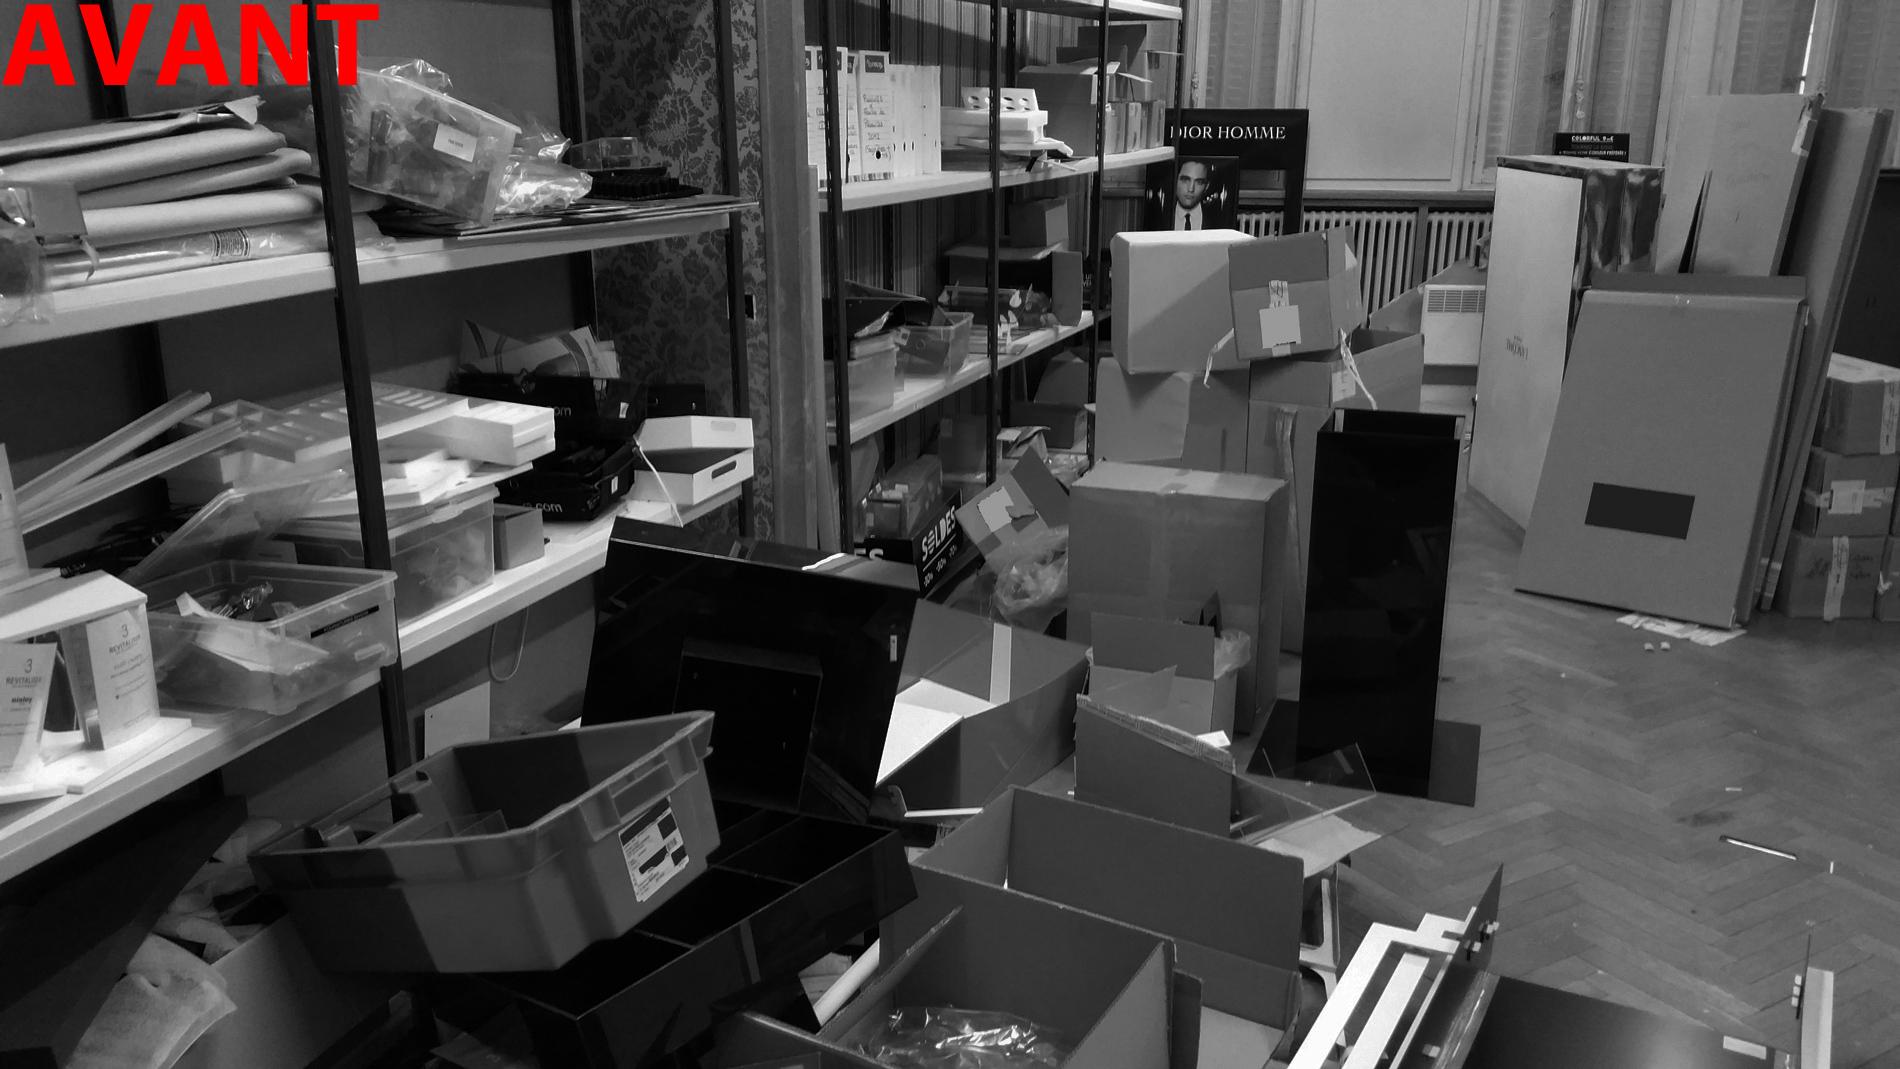 Coté gauche de la pièce principale encombrée de PLV obsolète et de déchets divers.... Un tri selectif est nécessaire pour l'apport en déchetterie...